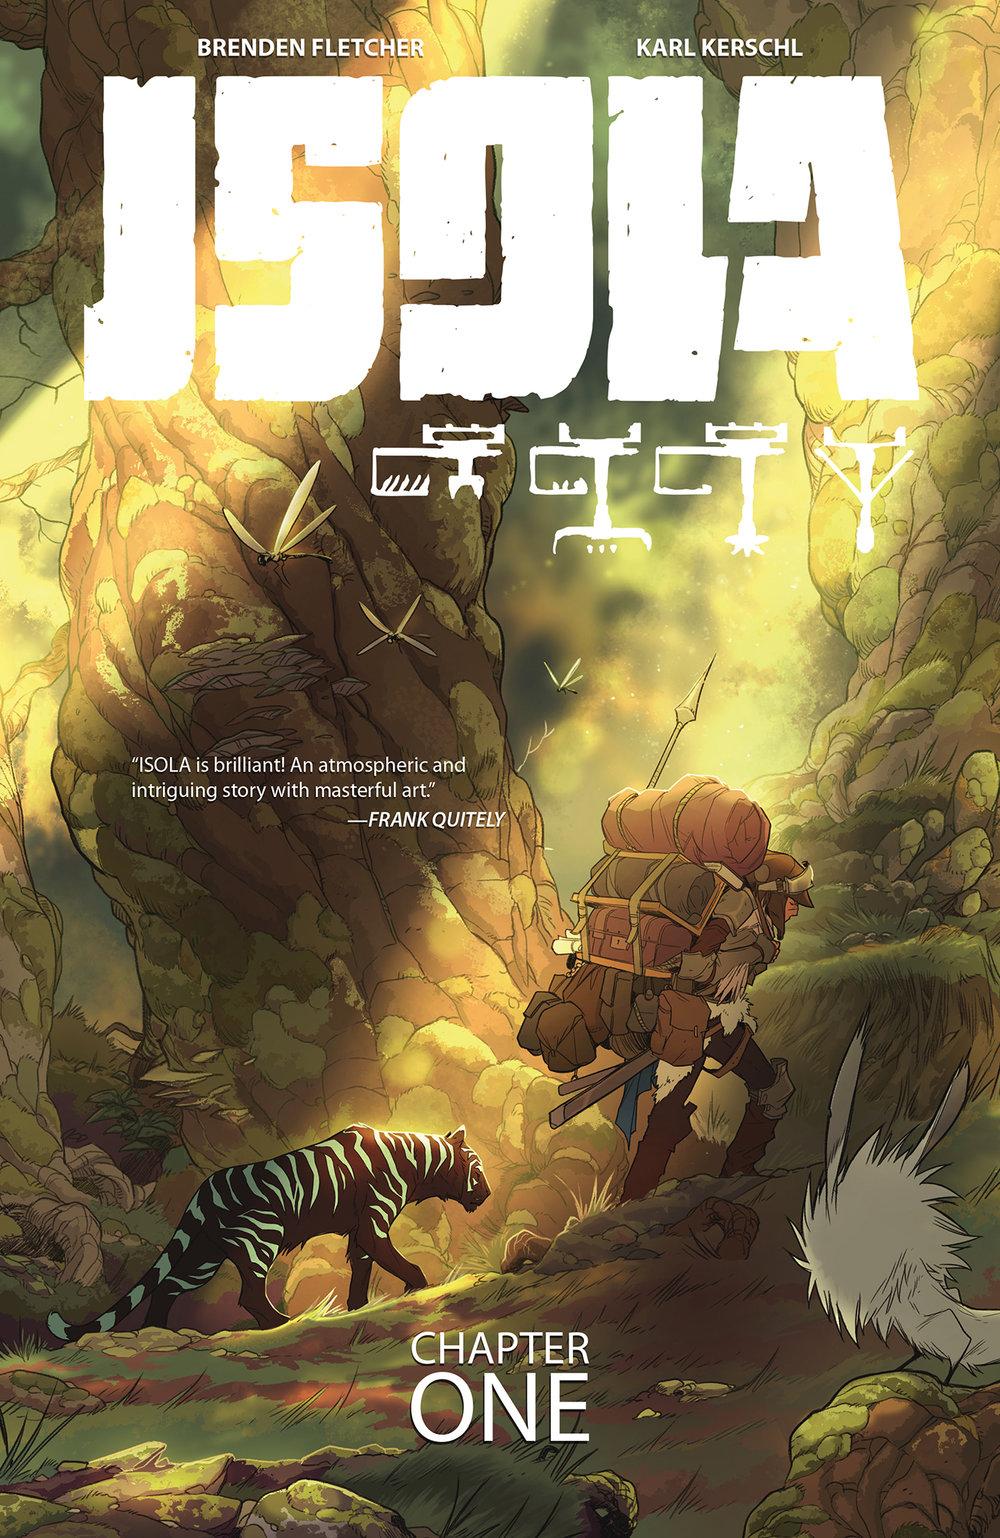 ISOLA-Vol01-TPB_Cover_Web_sm.jpg